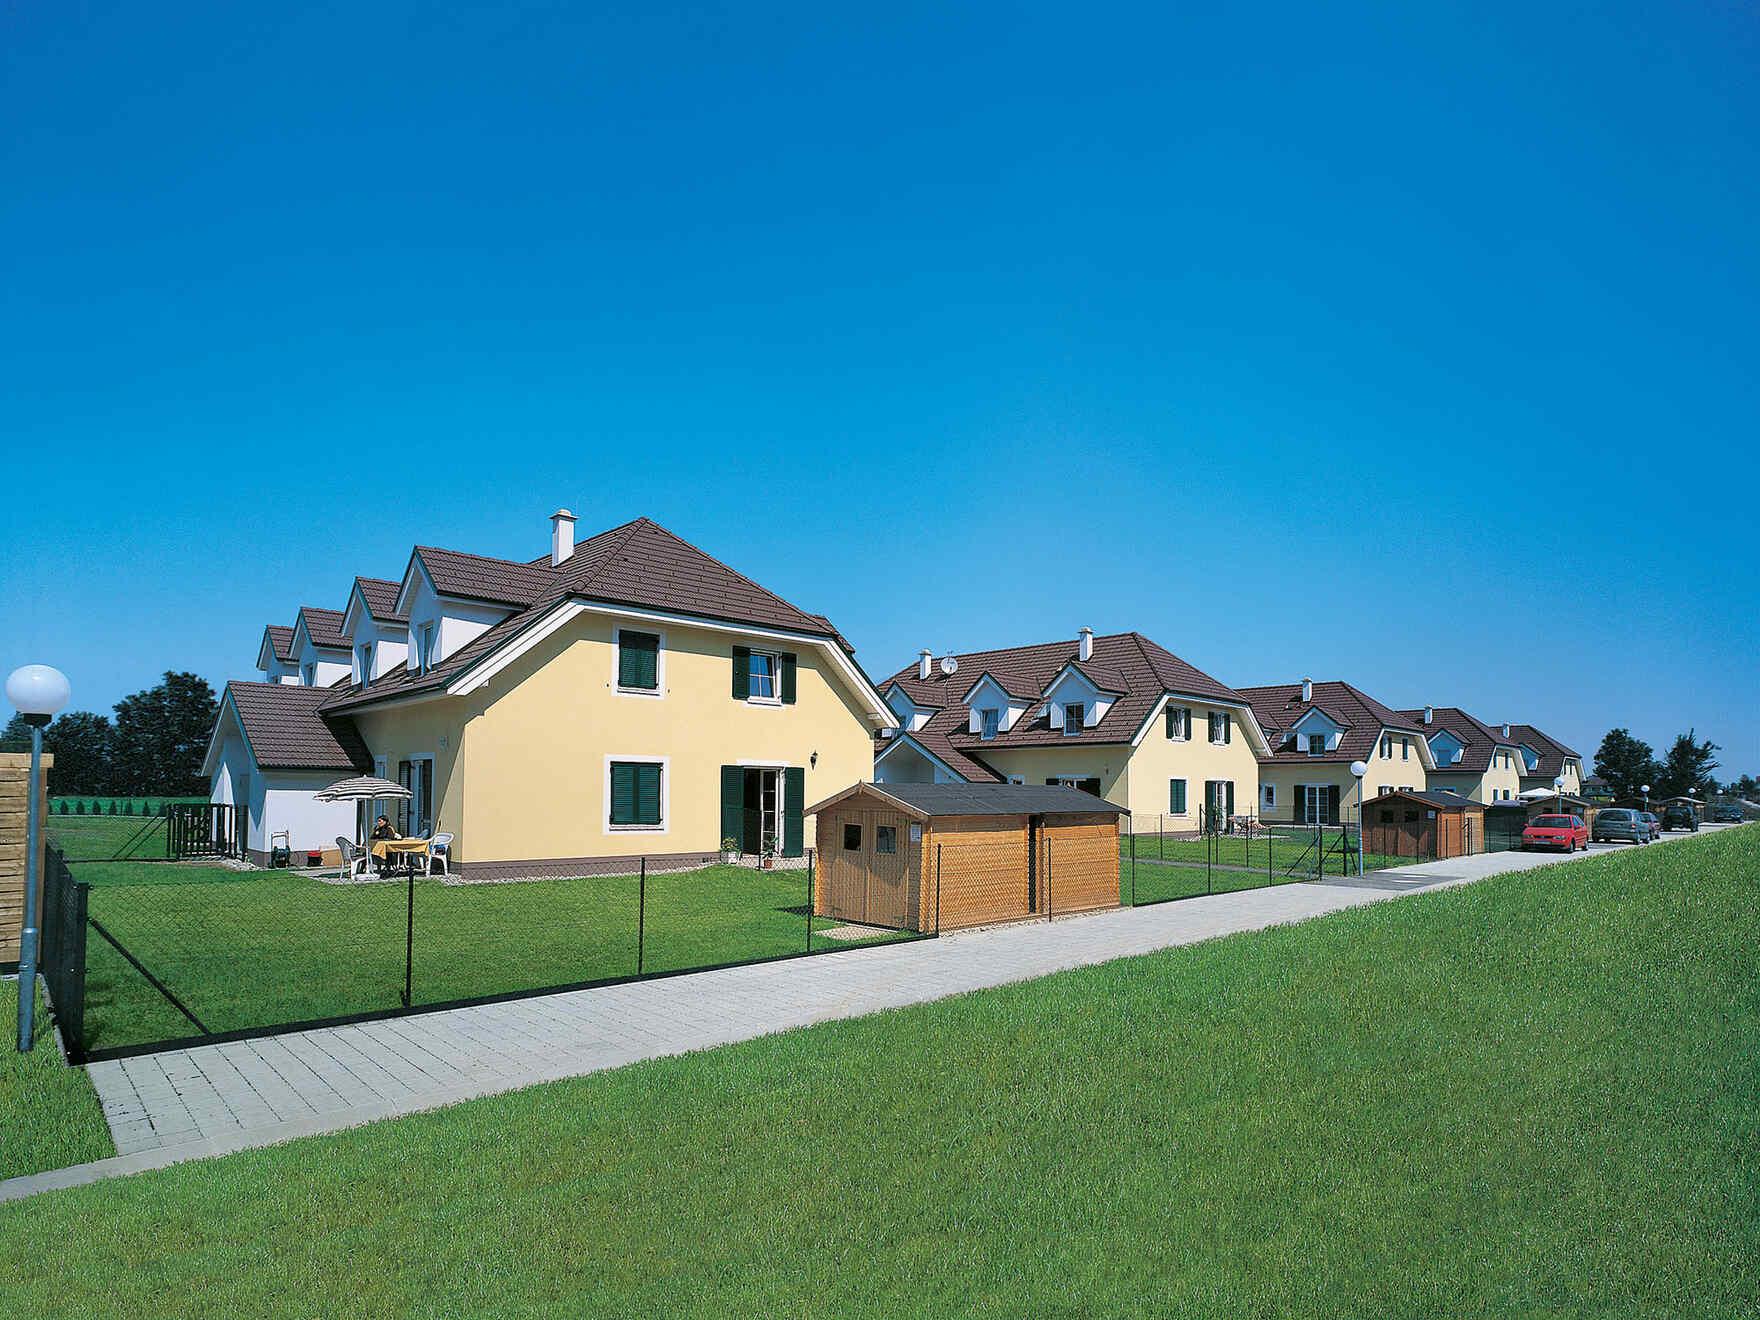 casa prefabbricata in legno Passiv-Wohnhausanlage Sonnenheide